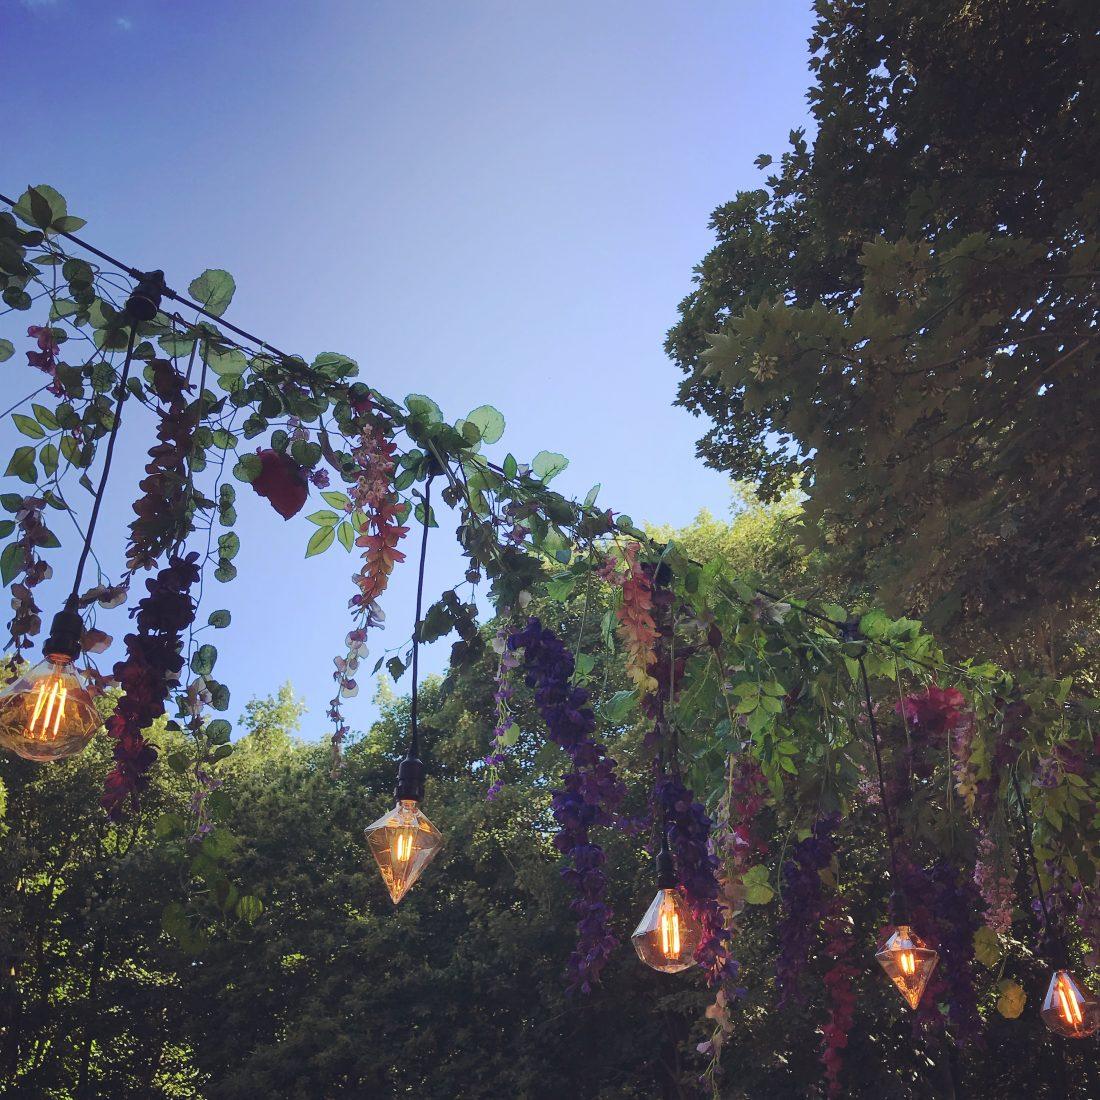 Outdoor Wedding Venue Lighting